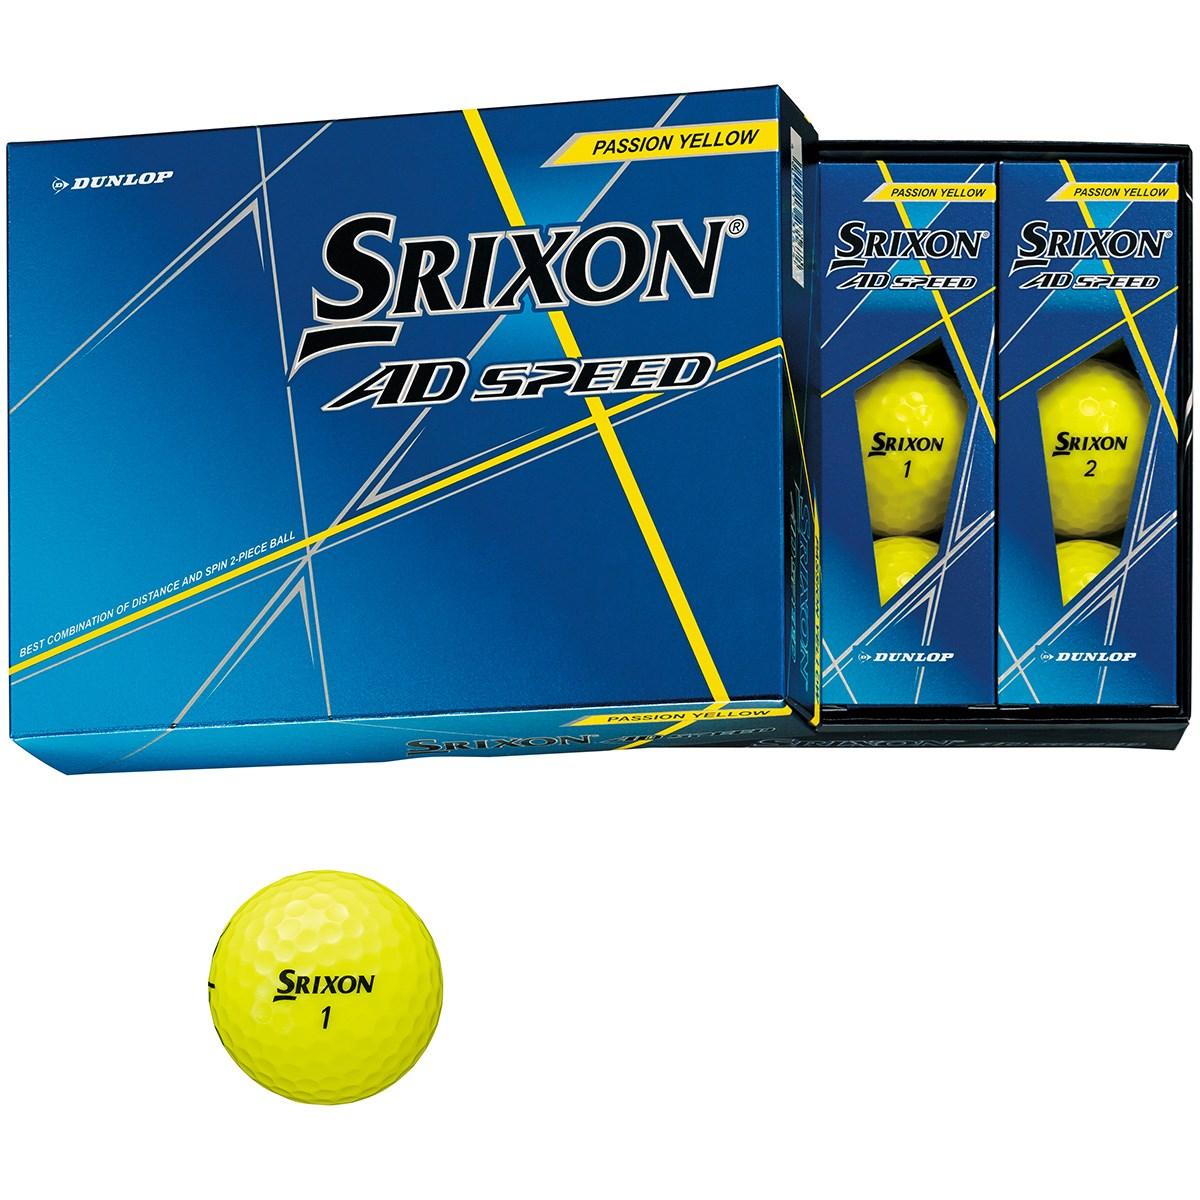 ダンロップ SRIXON スリクソン AD SPEED ボール 5ダースセット 5ダース(60個入り) パッションイエロー